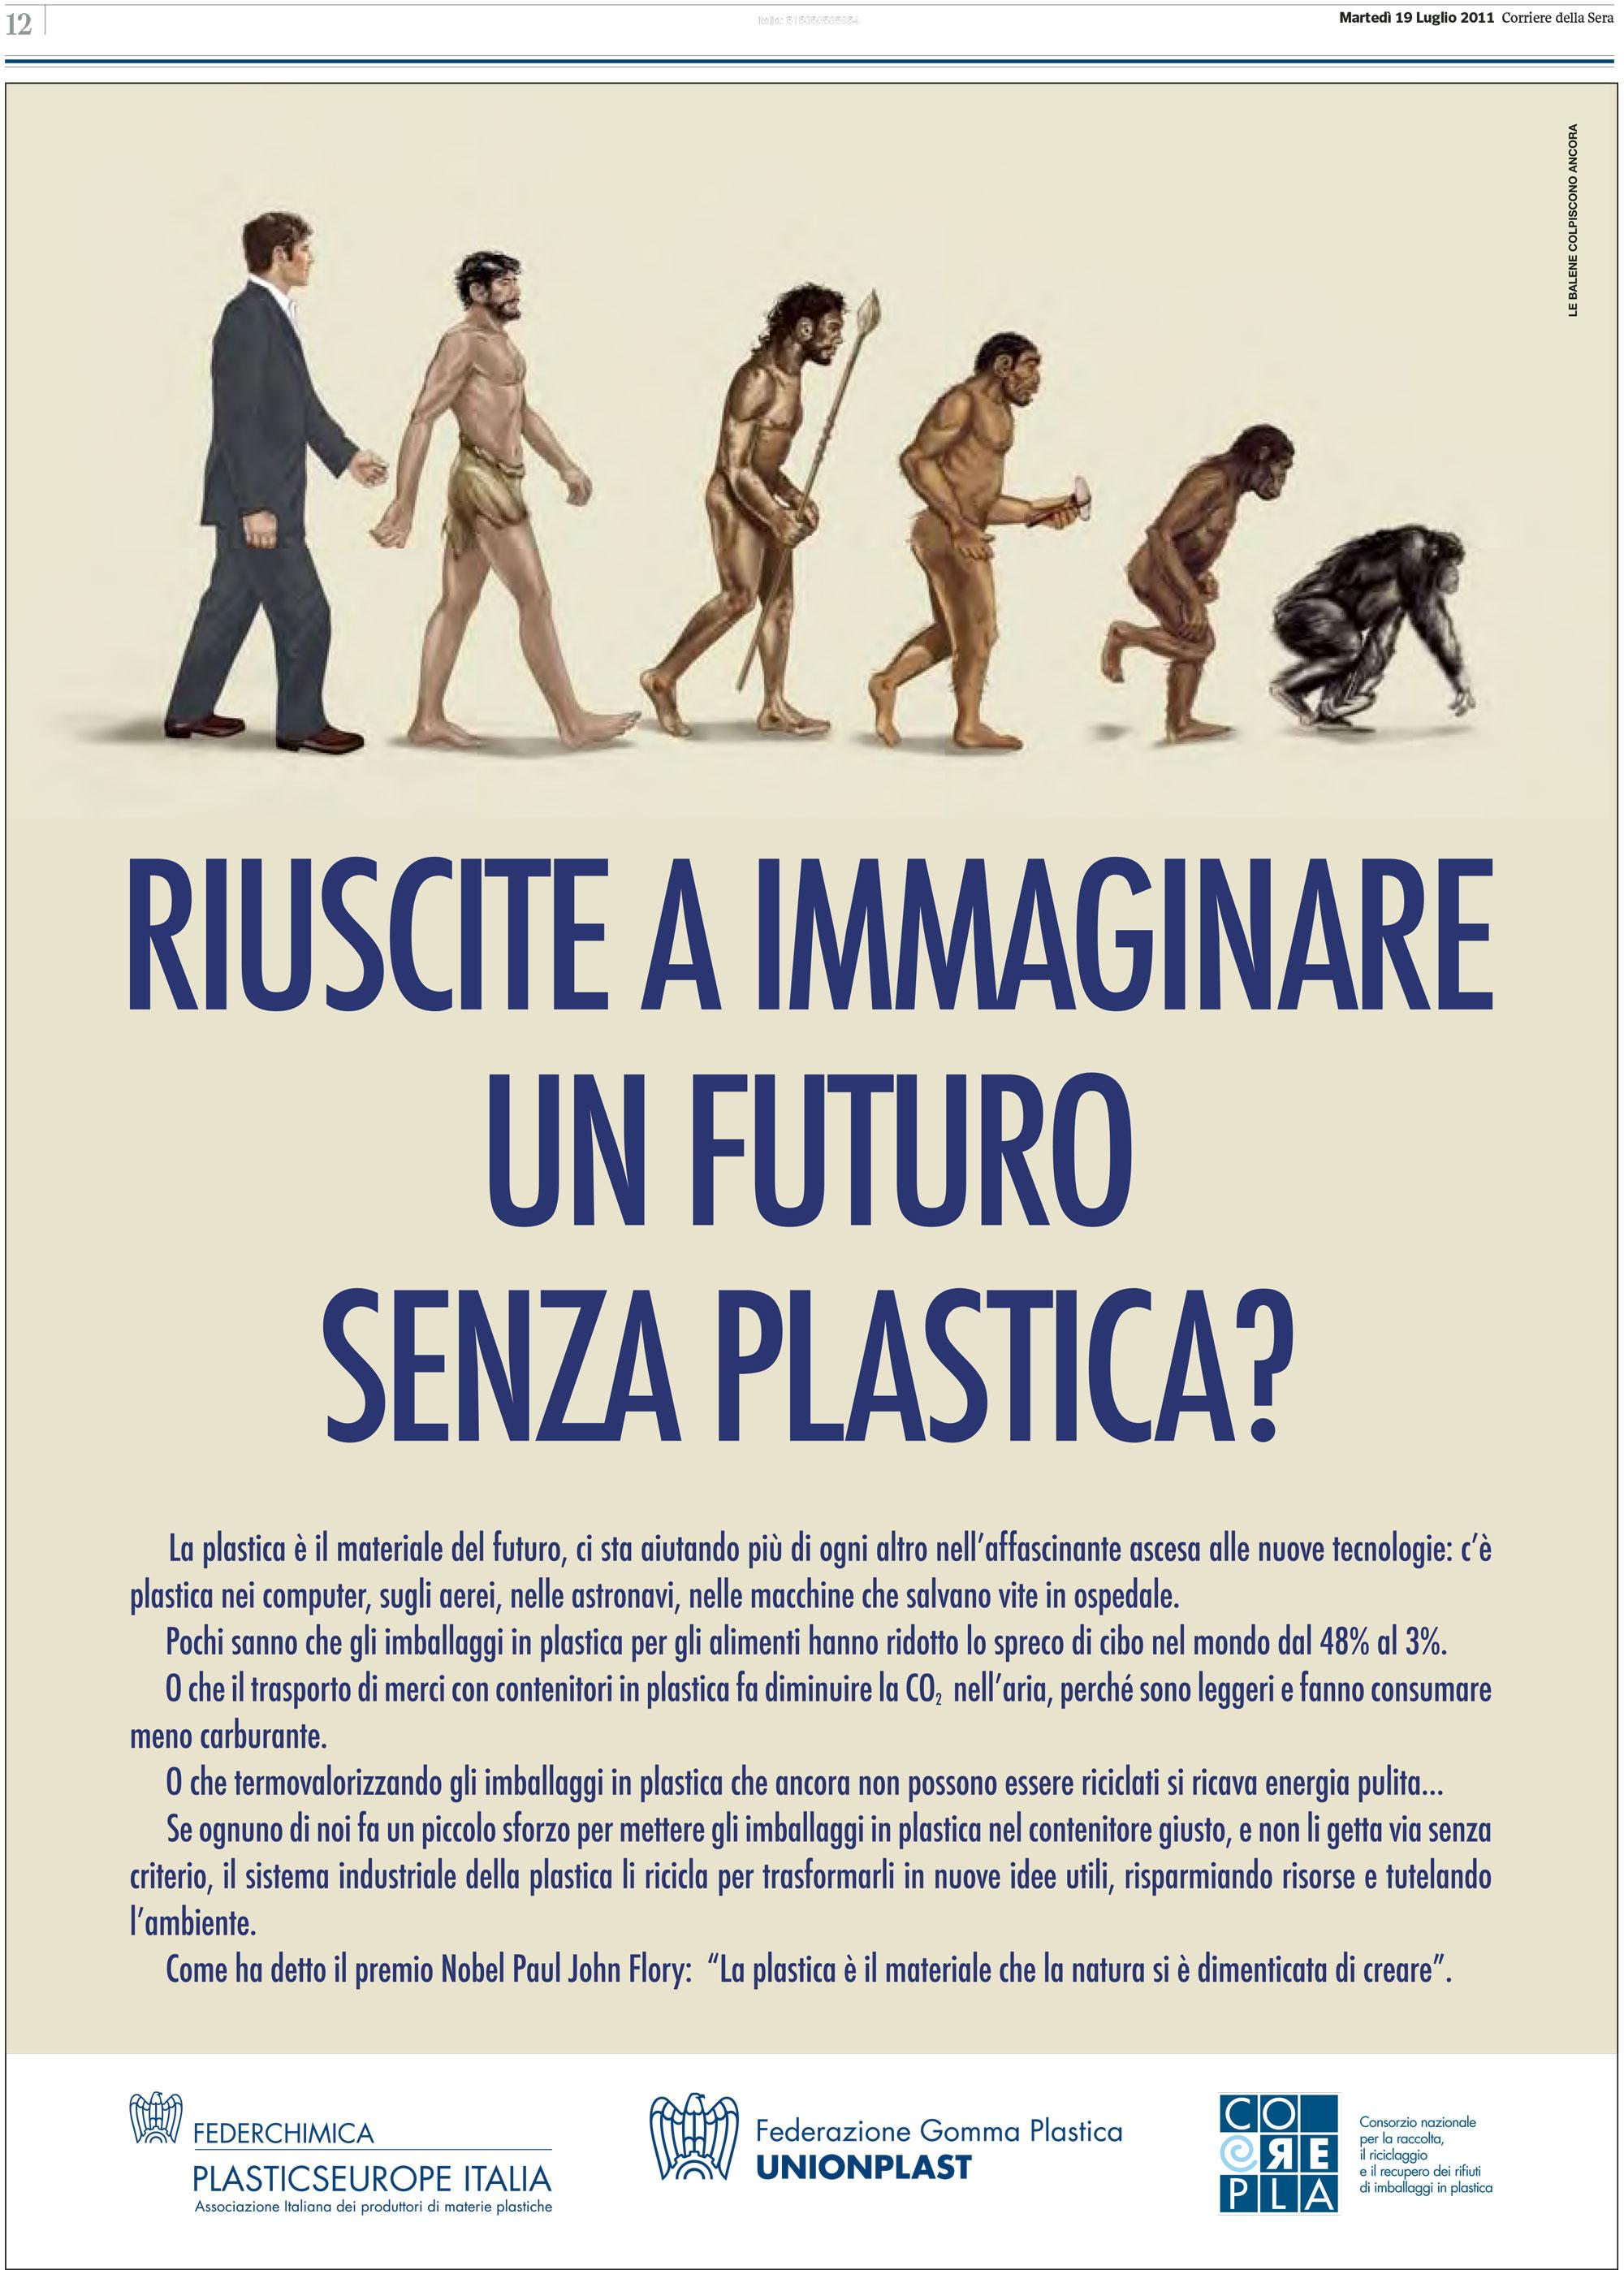 Riuscite ad immagine un futuro senza plastica